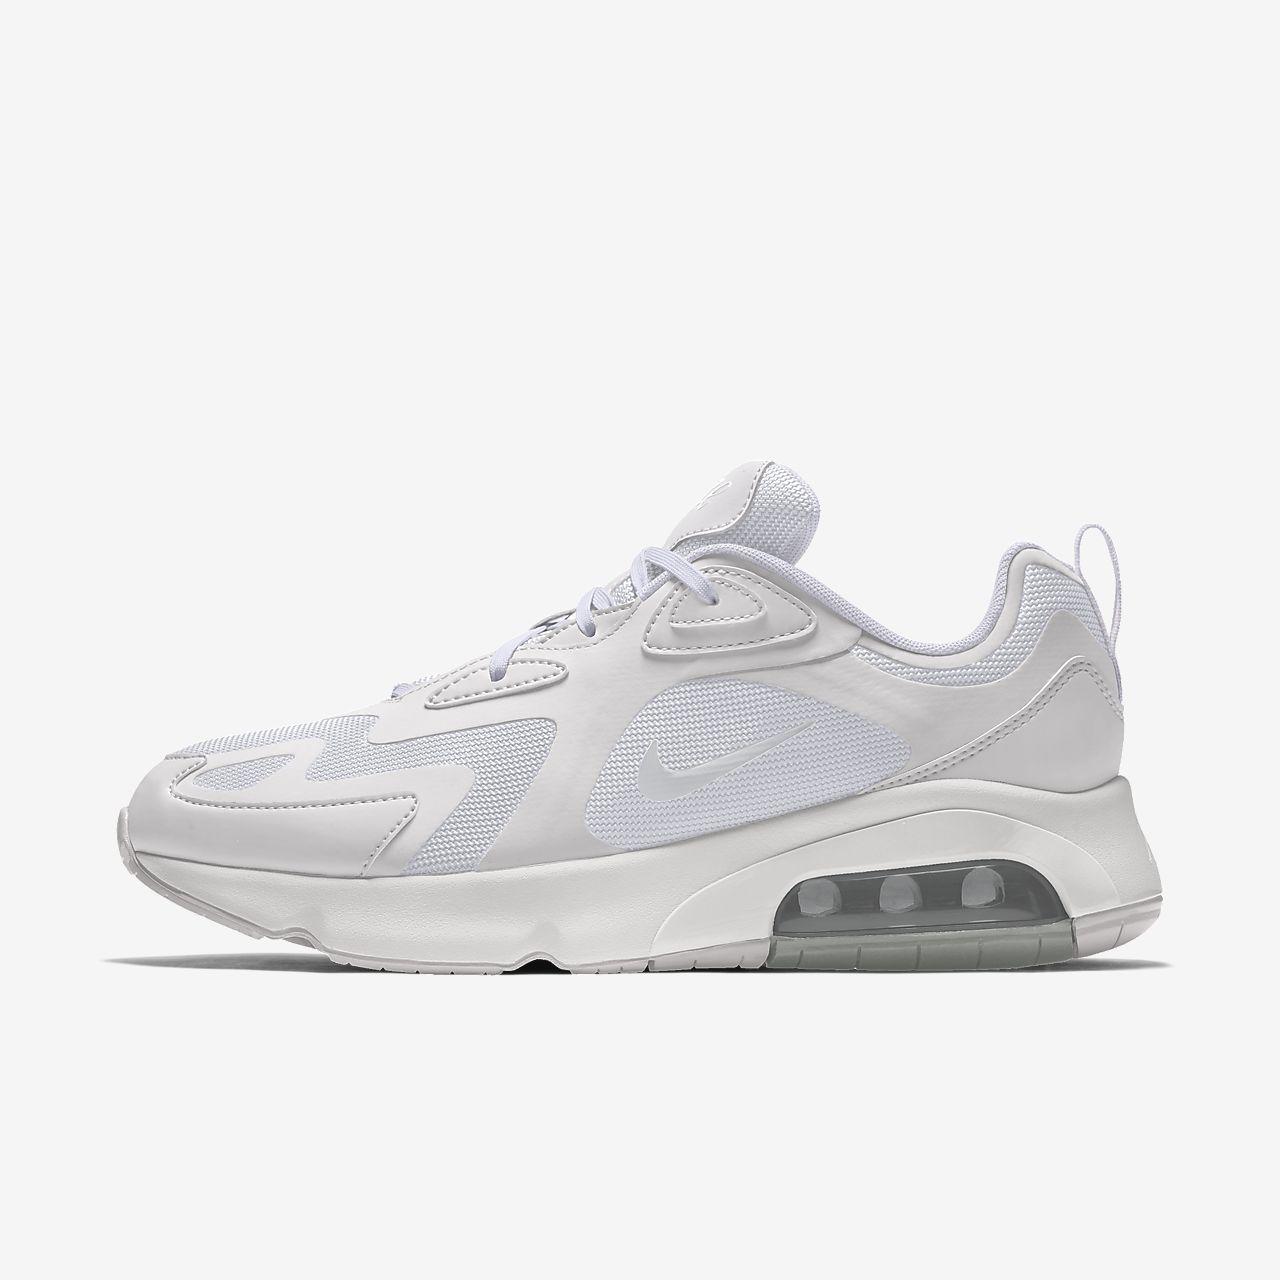 Femmes Air Max 200 Chaussures. Nike LU